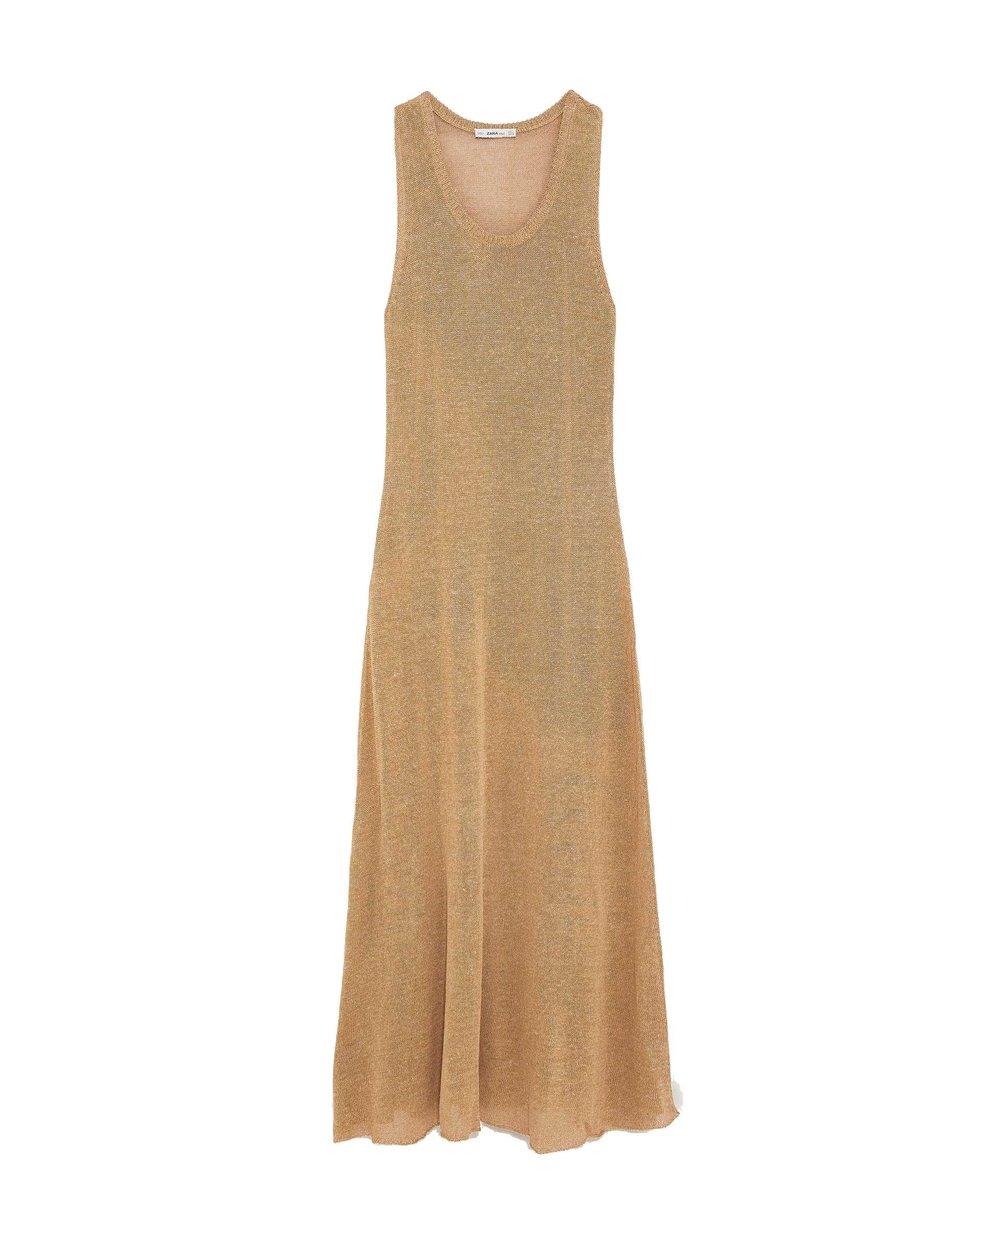 Zara Long Tan Dress $59.90